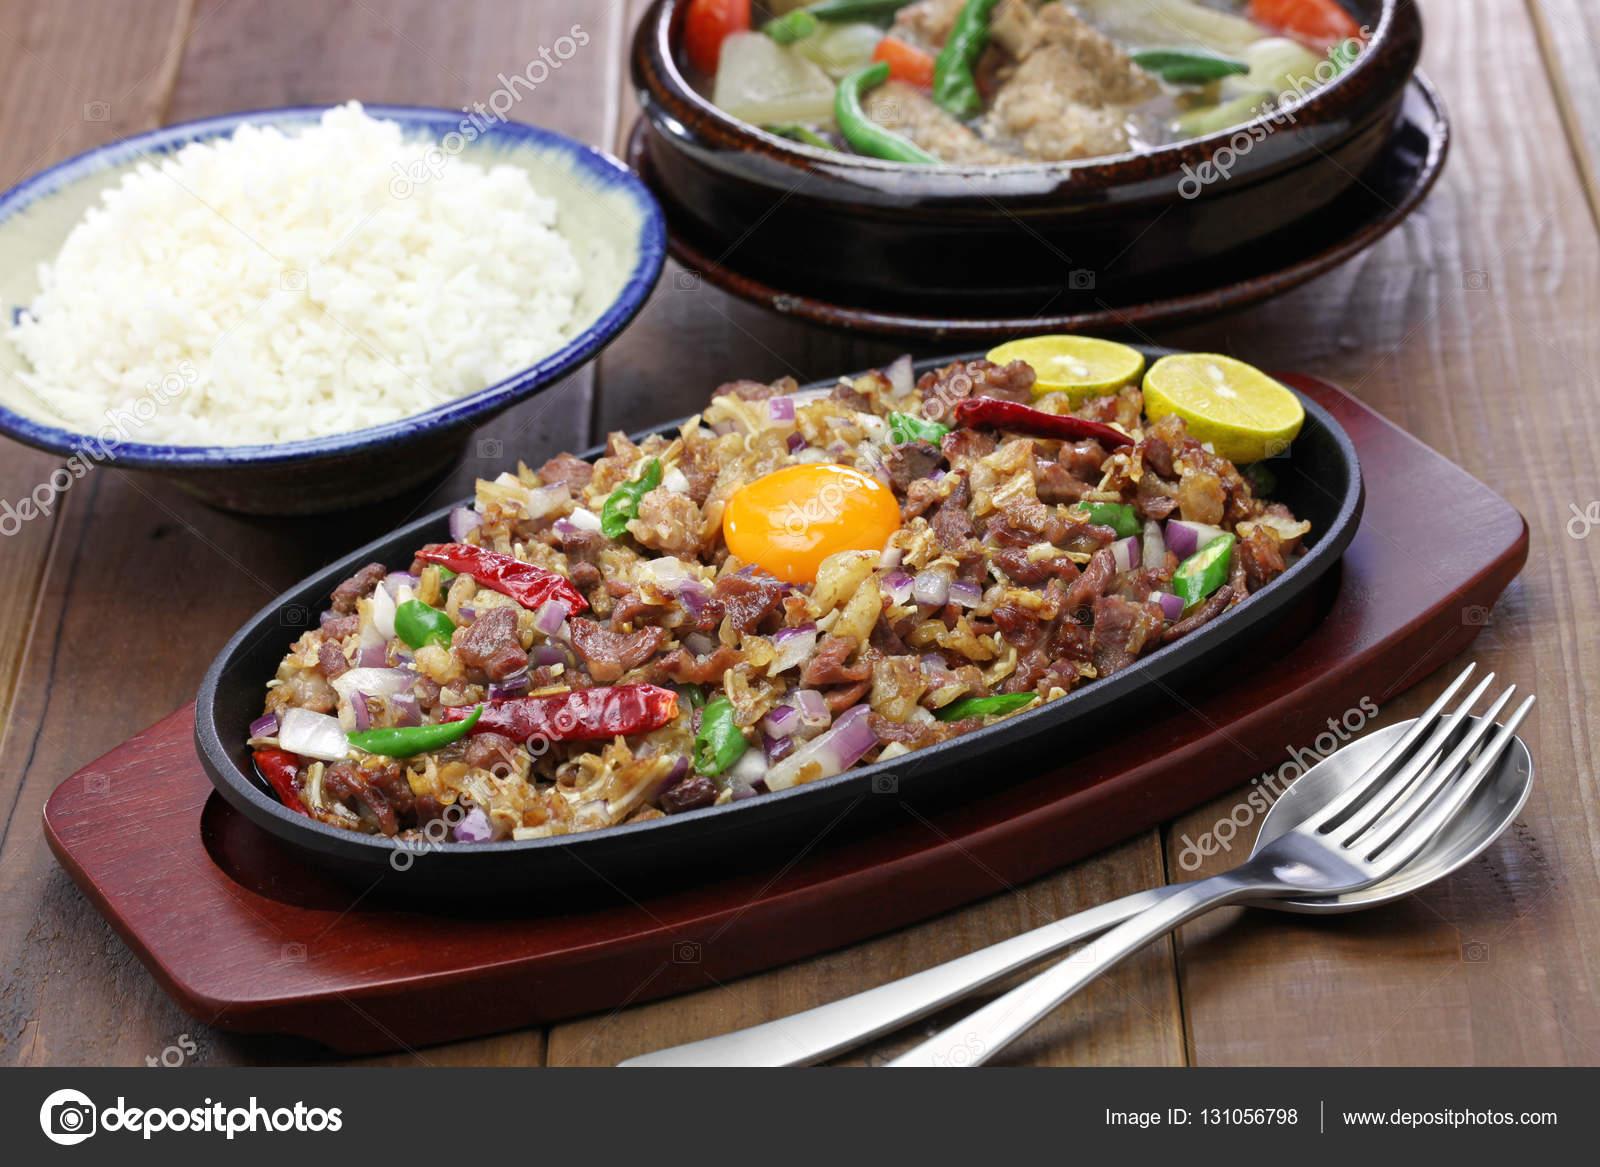 Philippinische Küche | Carson Und Sinigang Philippinische Kuche Stockfoto C Asimojet